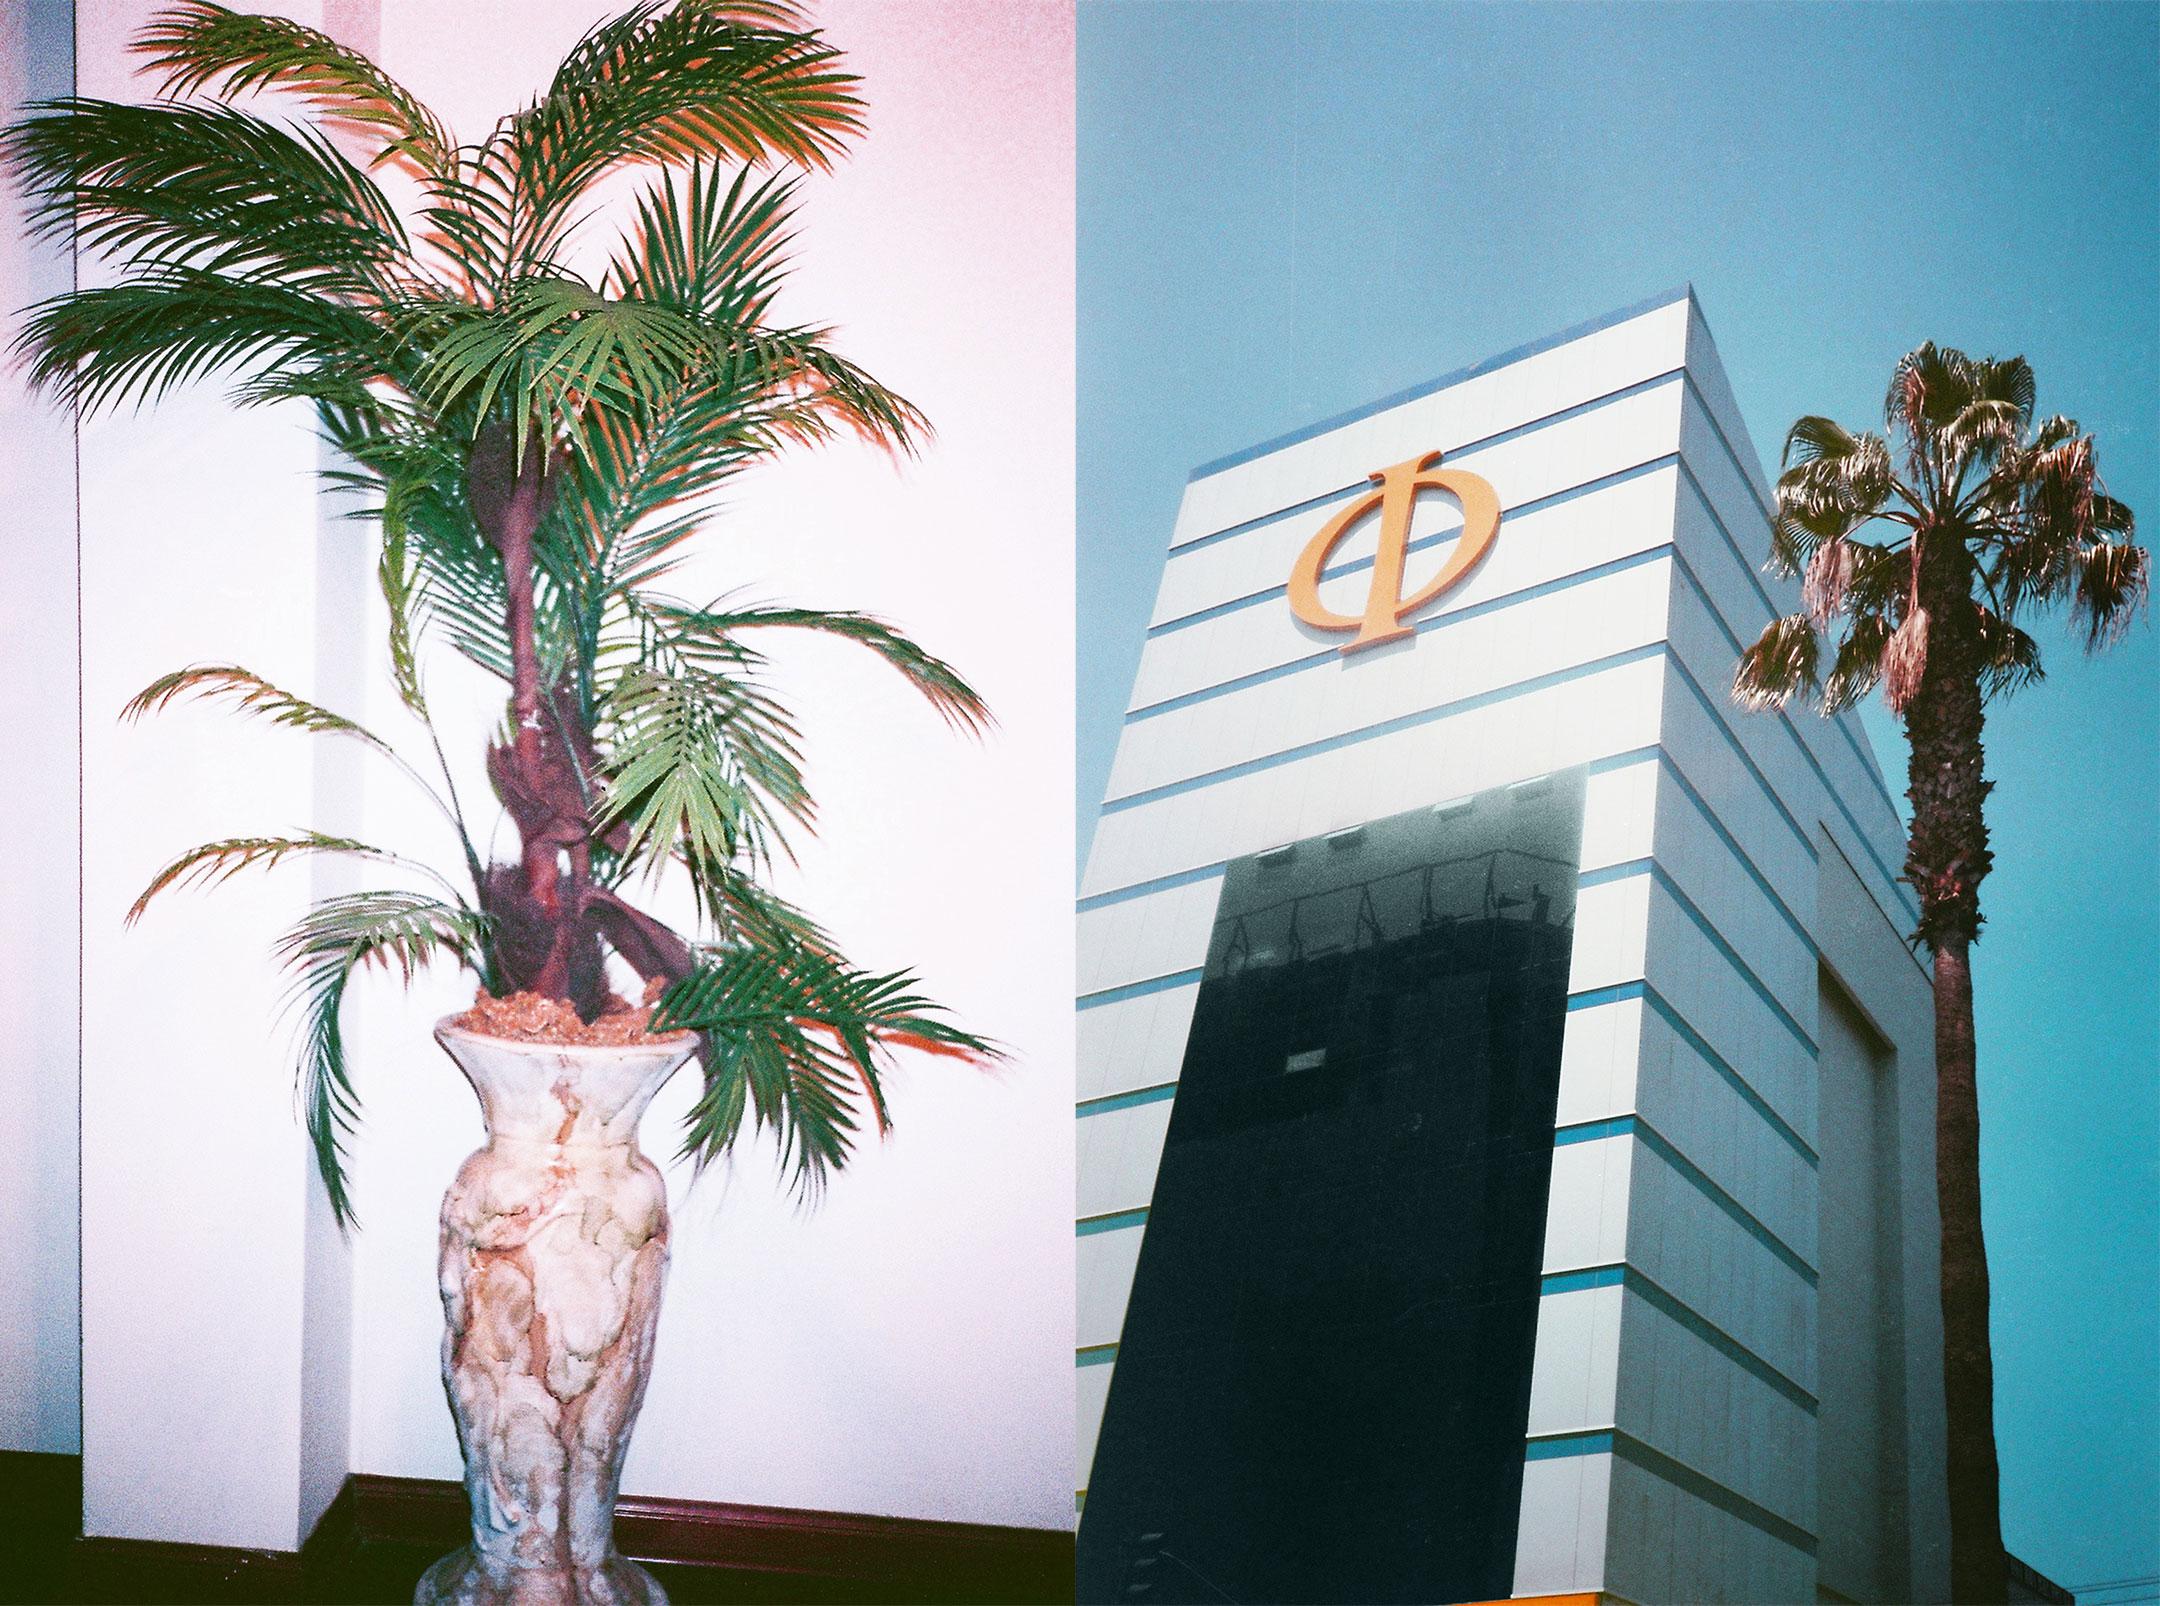 Cindy Jinette Peru. Visions